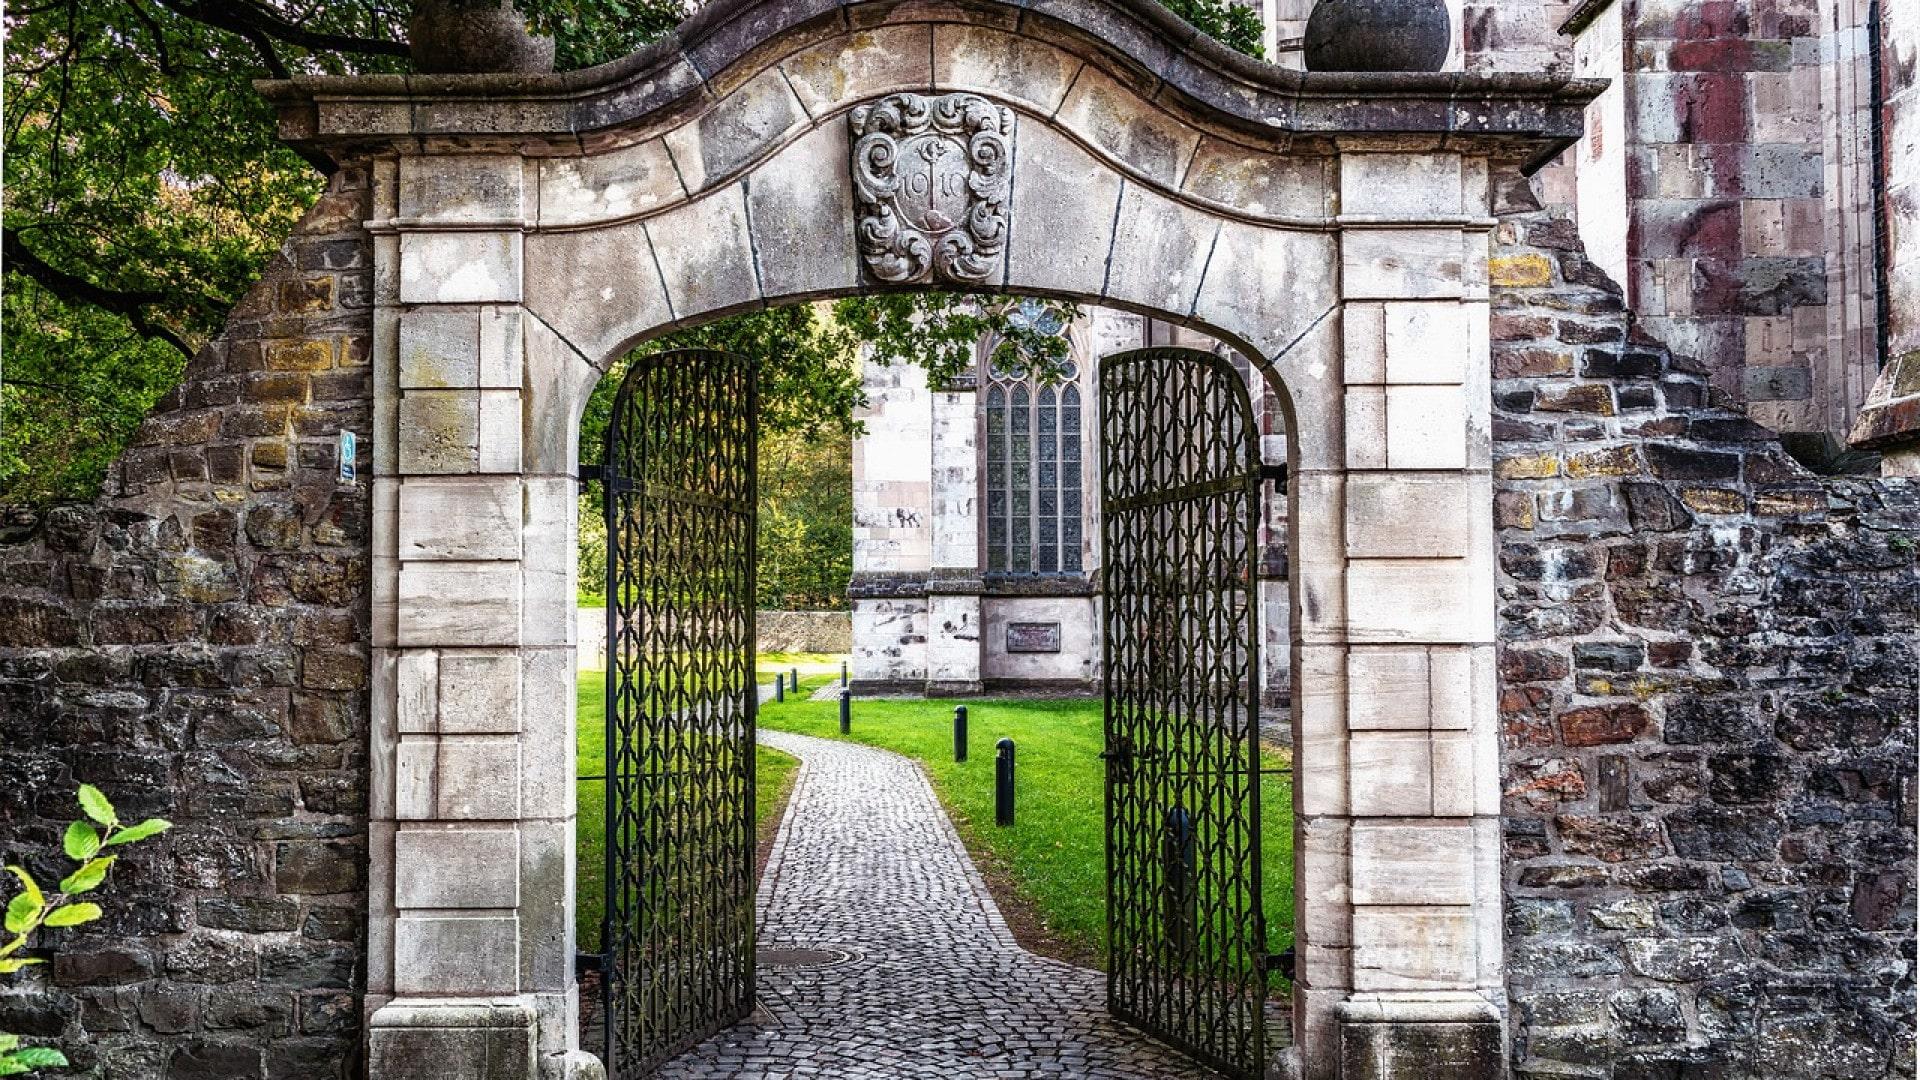 Pourquoi choisir d'installer un portail chez soi ?